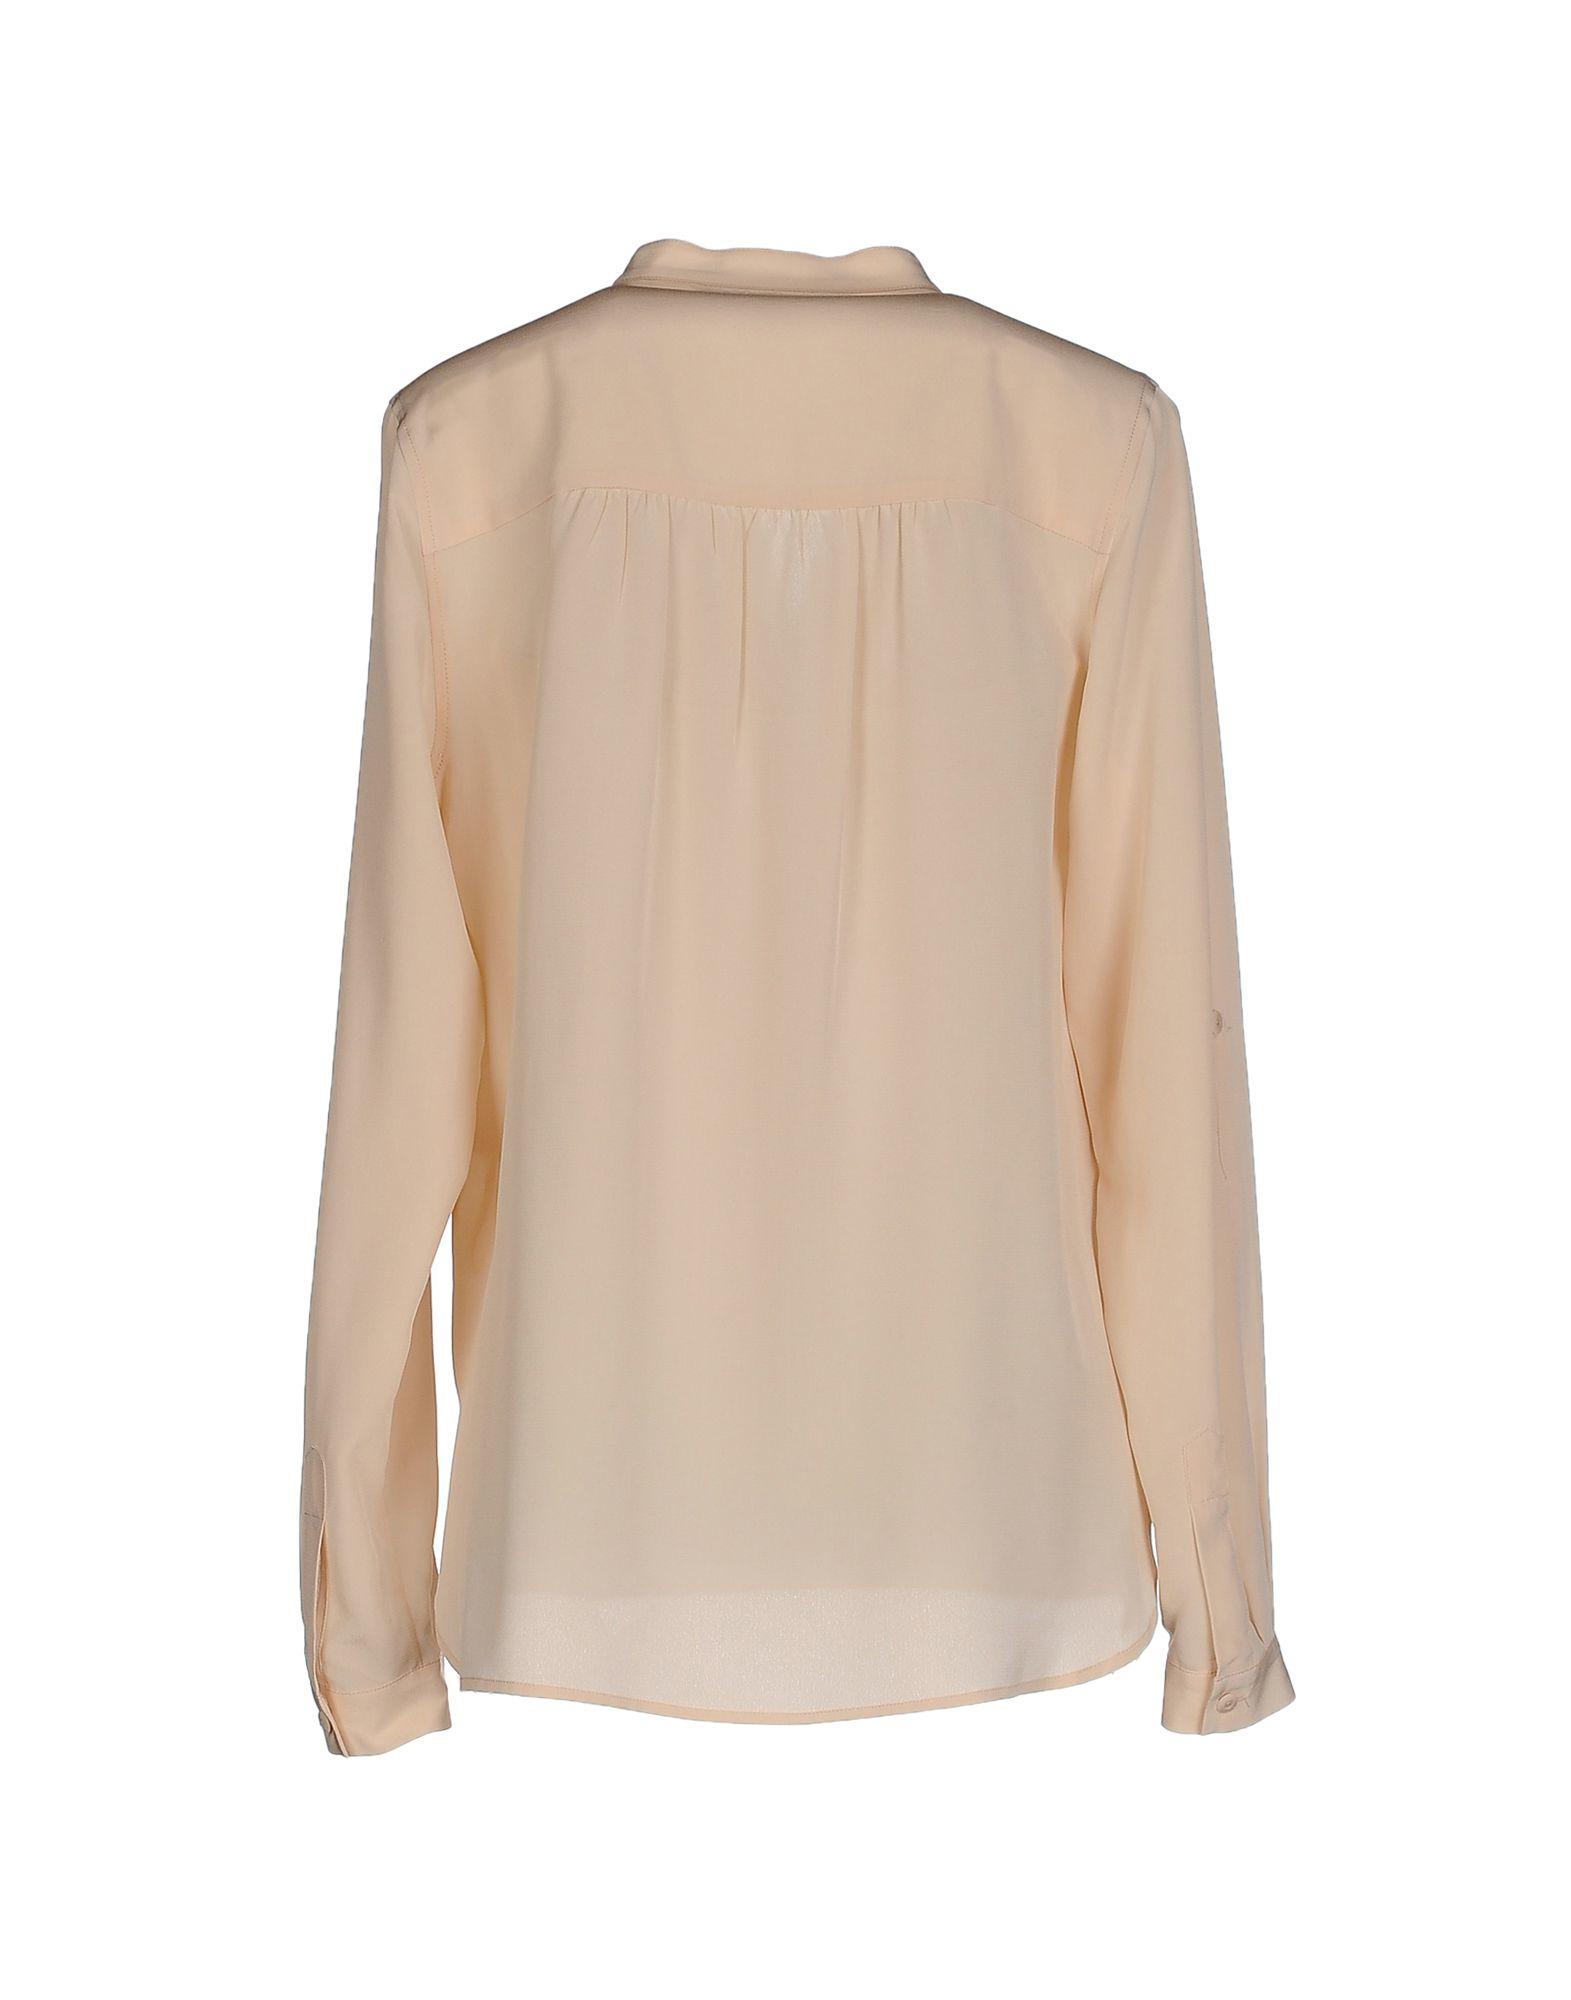 Diane von furstenberg shirt in beige lyst for Diane von furstenberg shirt